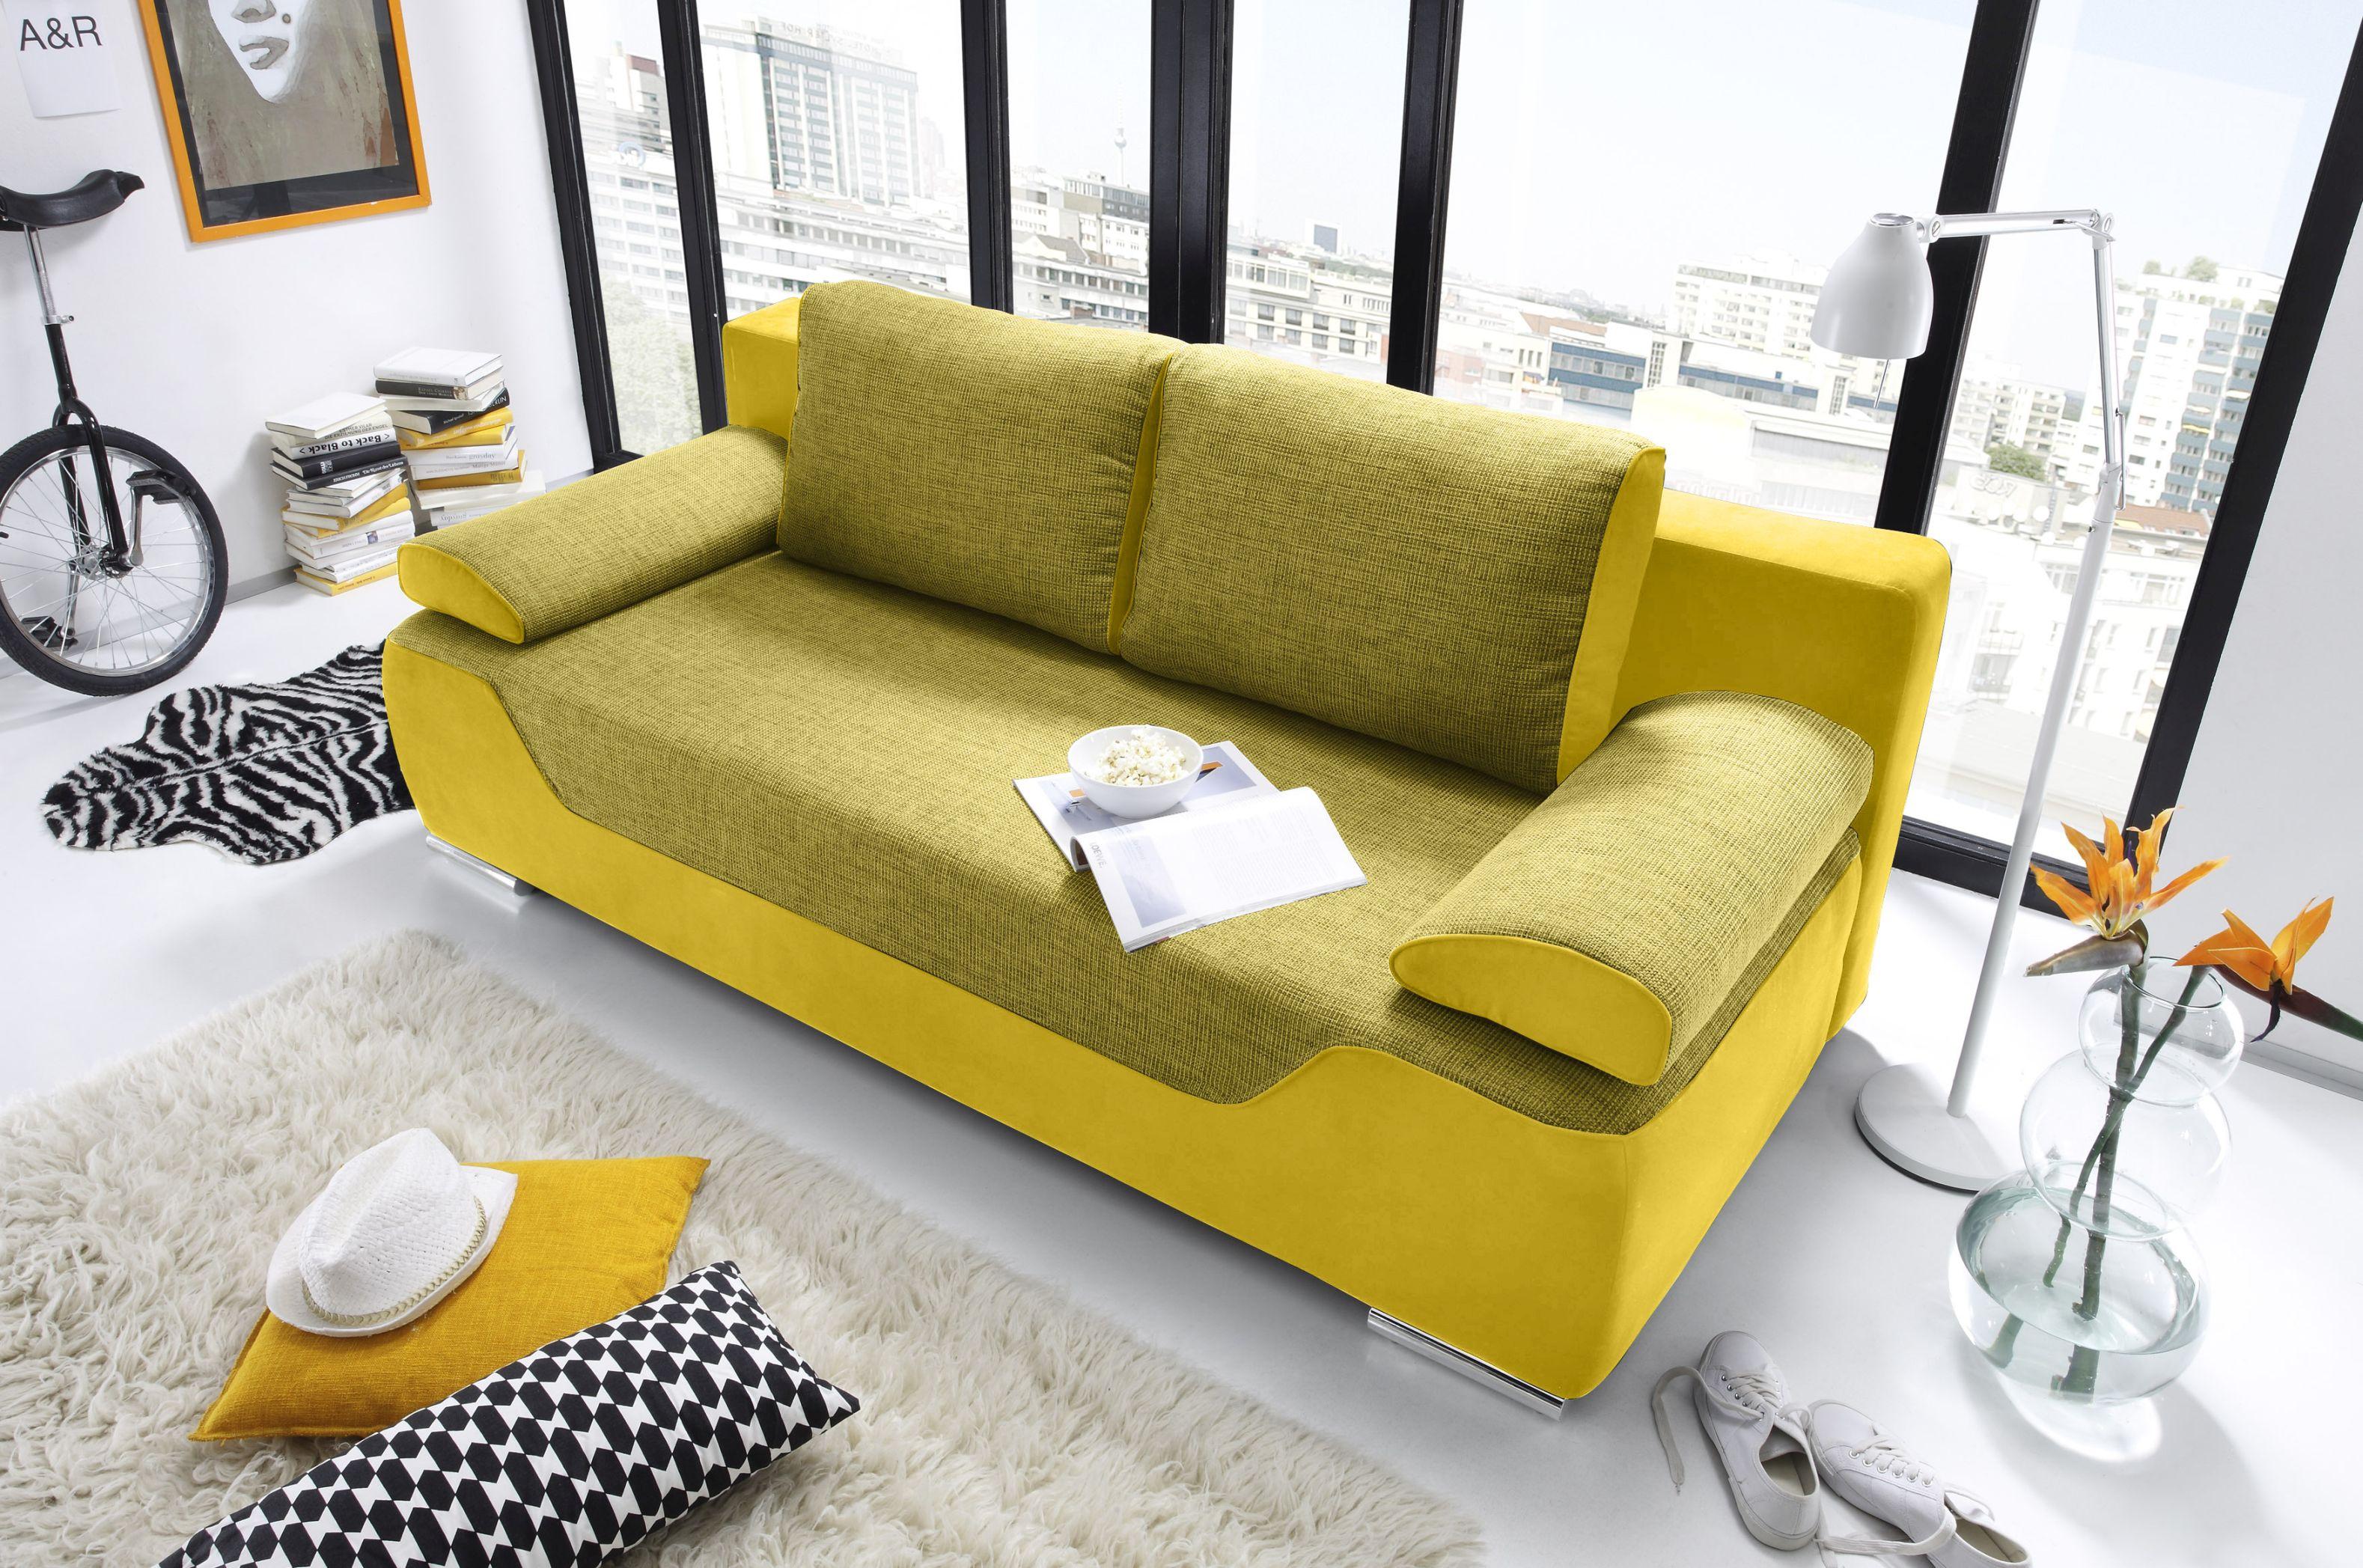 Enjoyable Details Zu Couch Schlafsofa Sofabett Funktionssofa Ausziehbar Gelb 200 Cm Interior Design Ideas Greaswefileorg